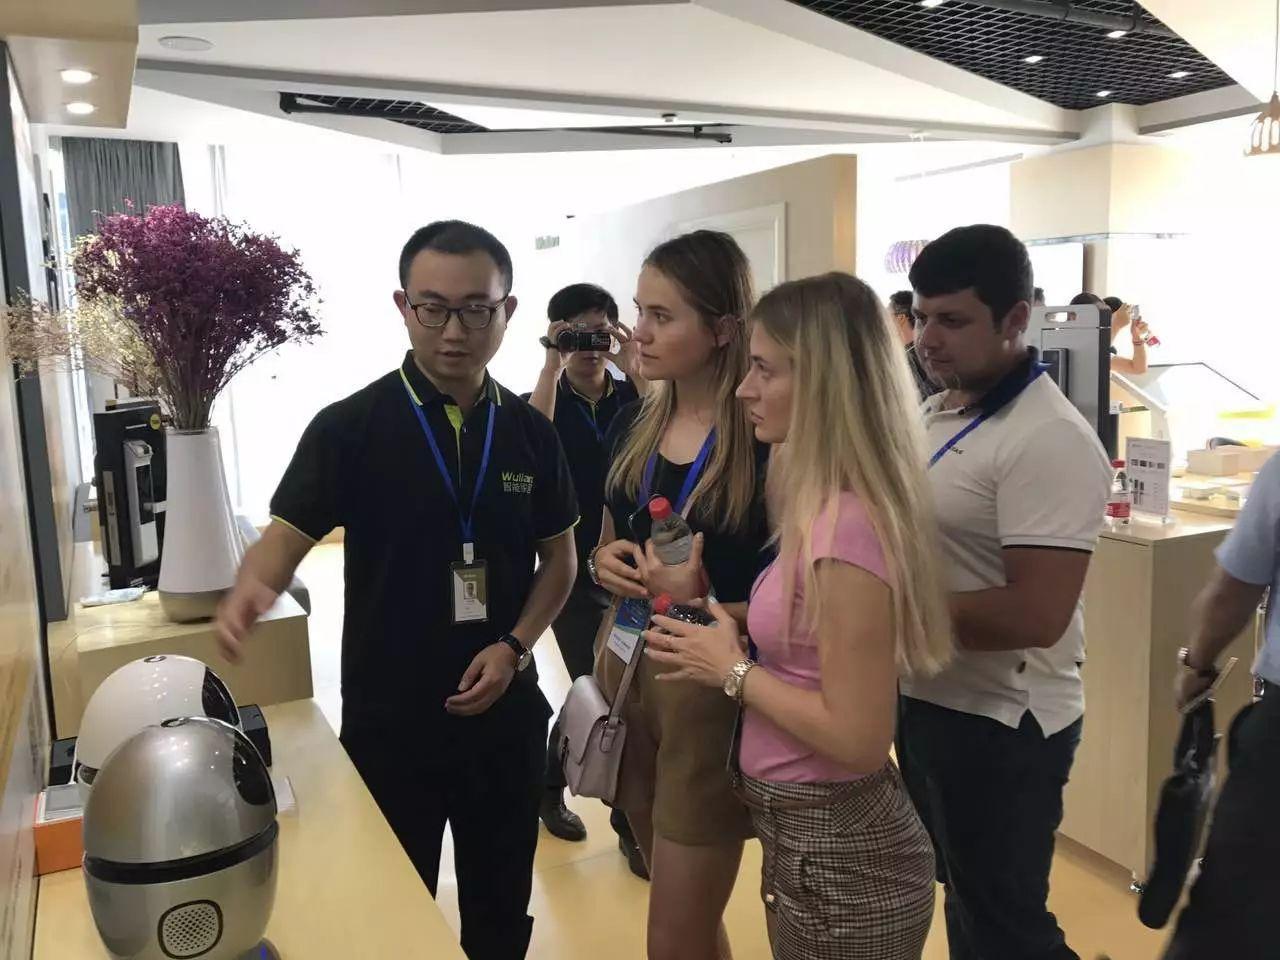 战斗民族的问候:俄罗斯优秀青年、企业家代表团来智能家居参观访问3.jpg